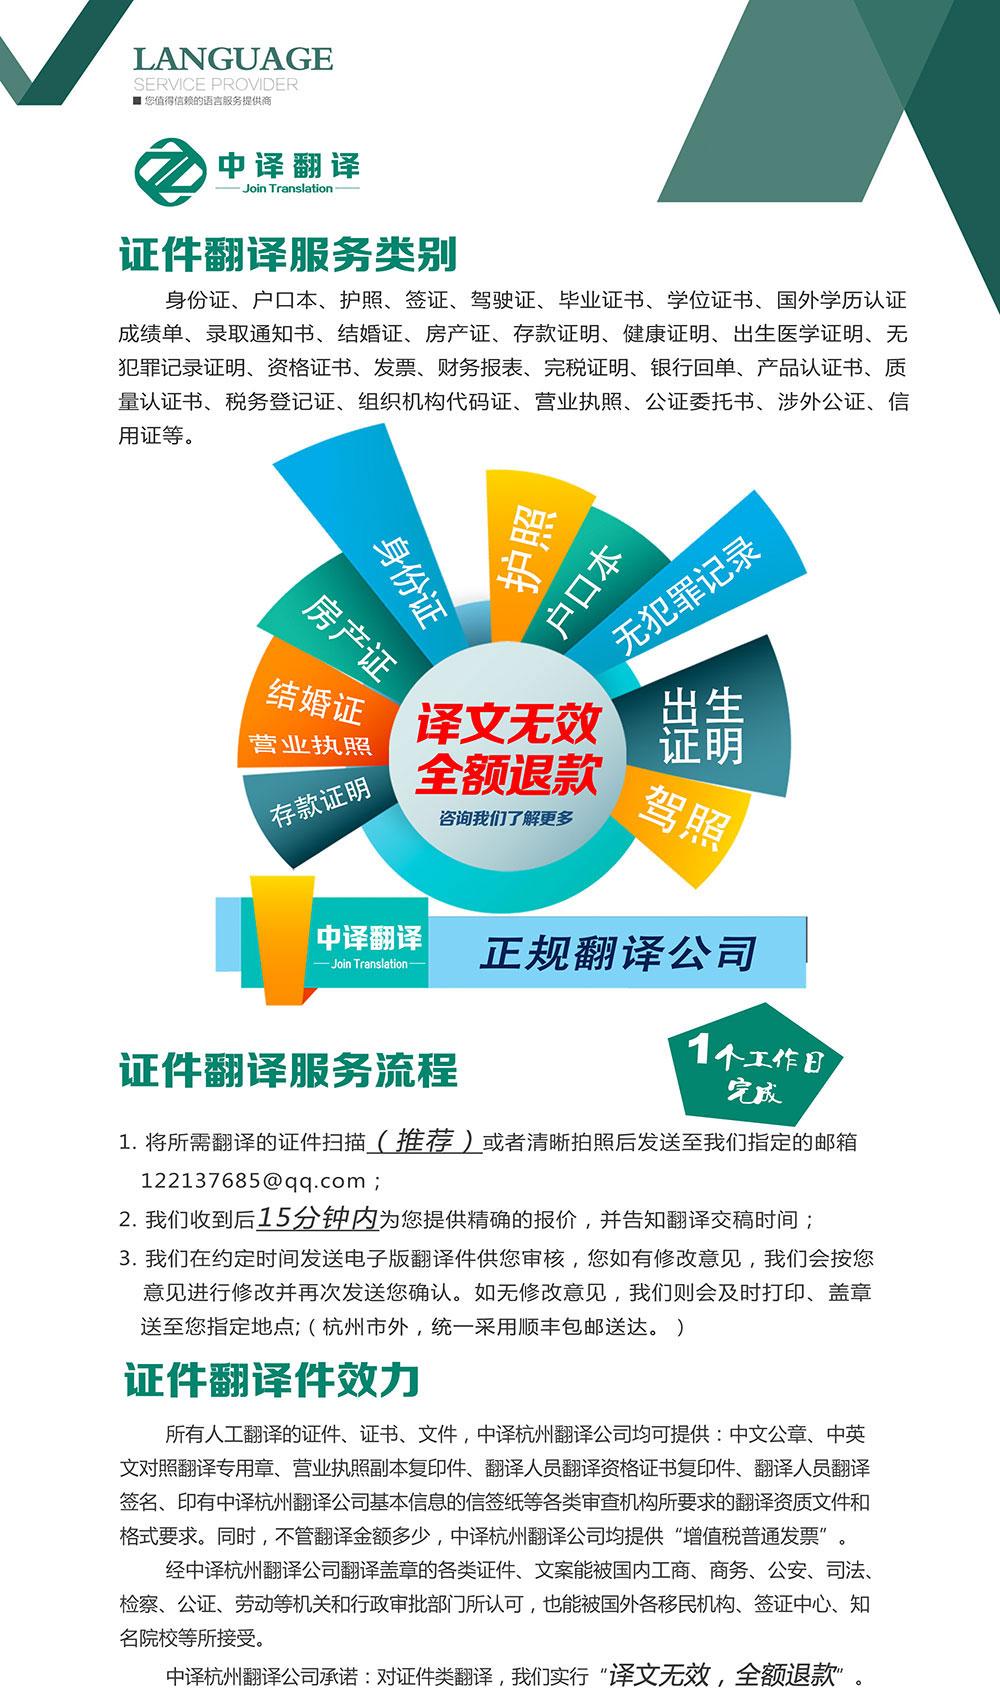 杭州中译翻译有限公司证件翻译服务领域